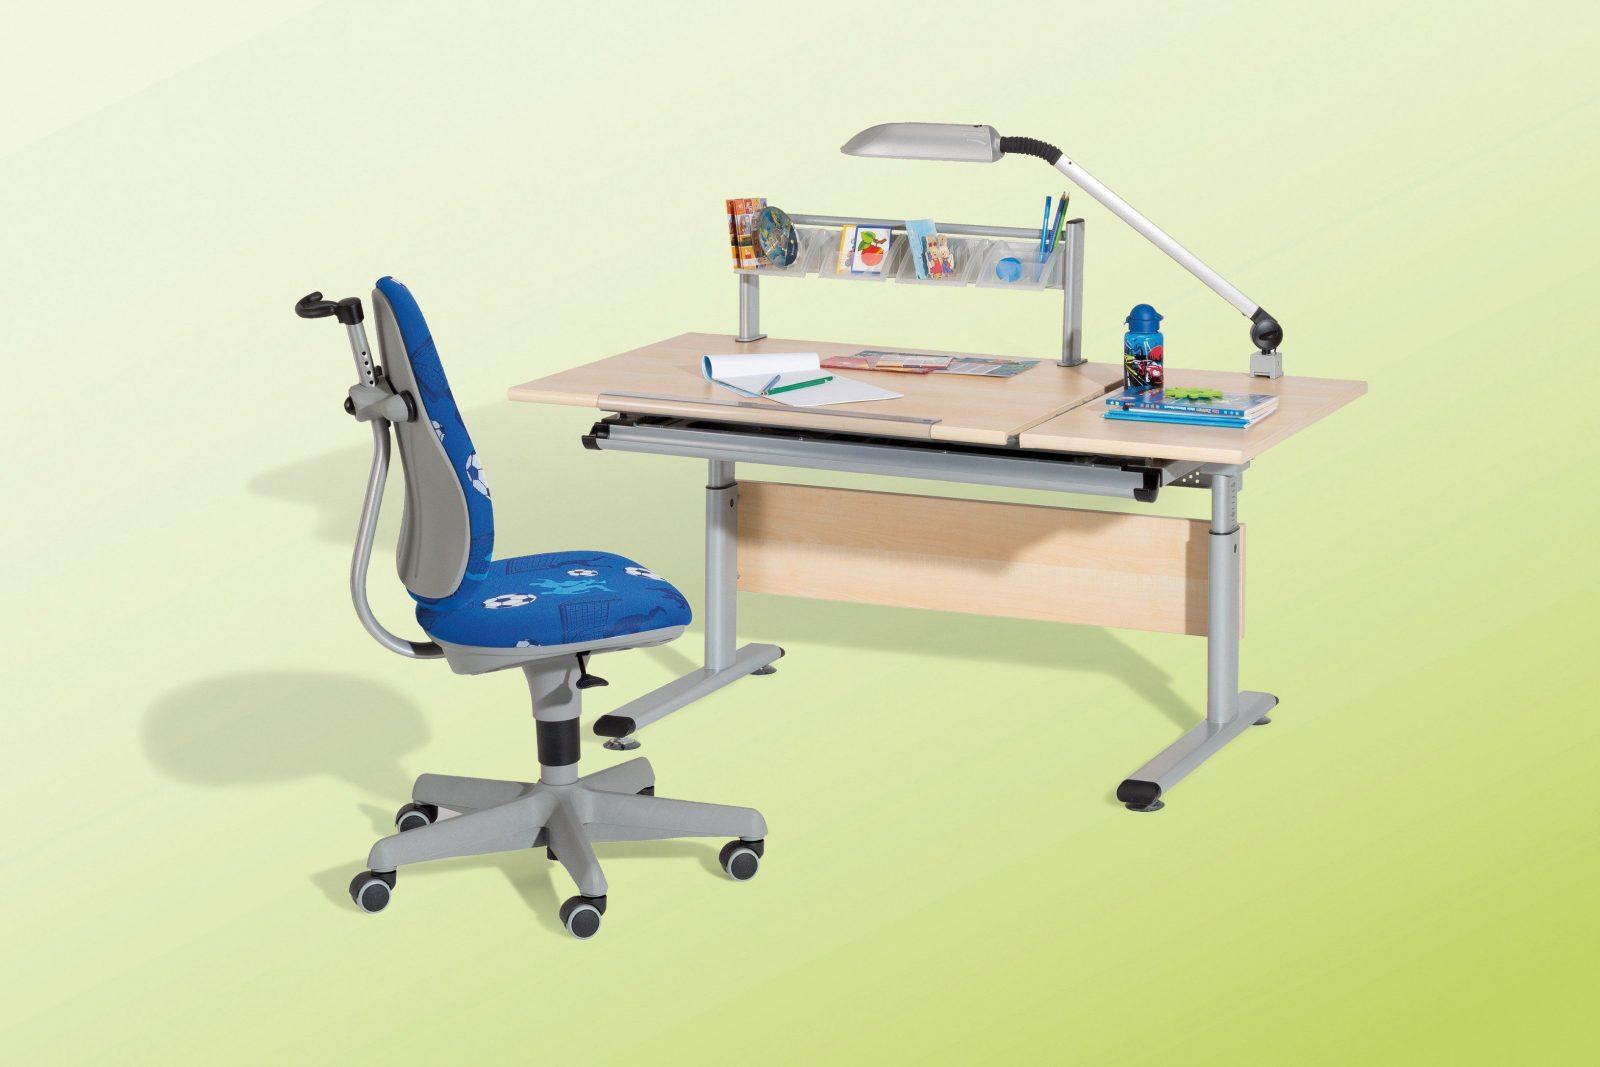 Marco 2 Gt 130 Kinderschreibtisch Von Paidi  Möbel Letz  Ihr von Schreibtisch Marco 2 Gt Photo